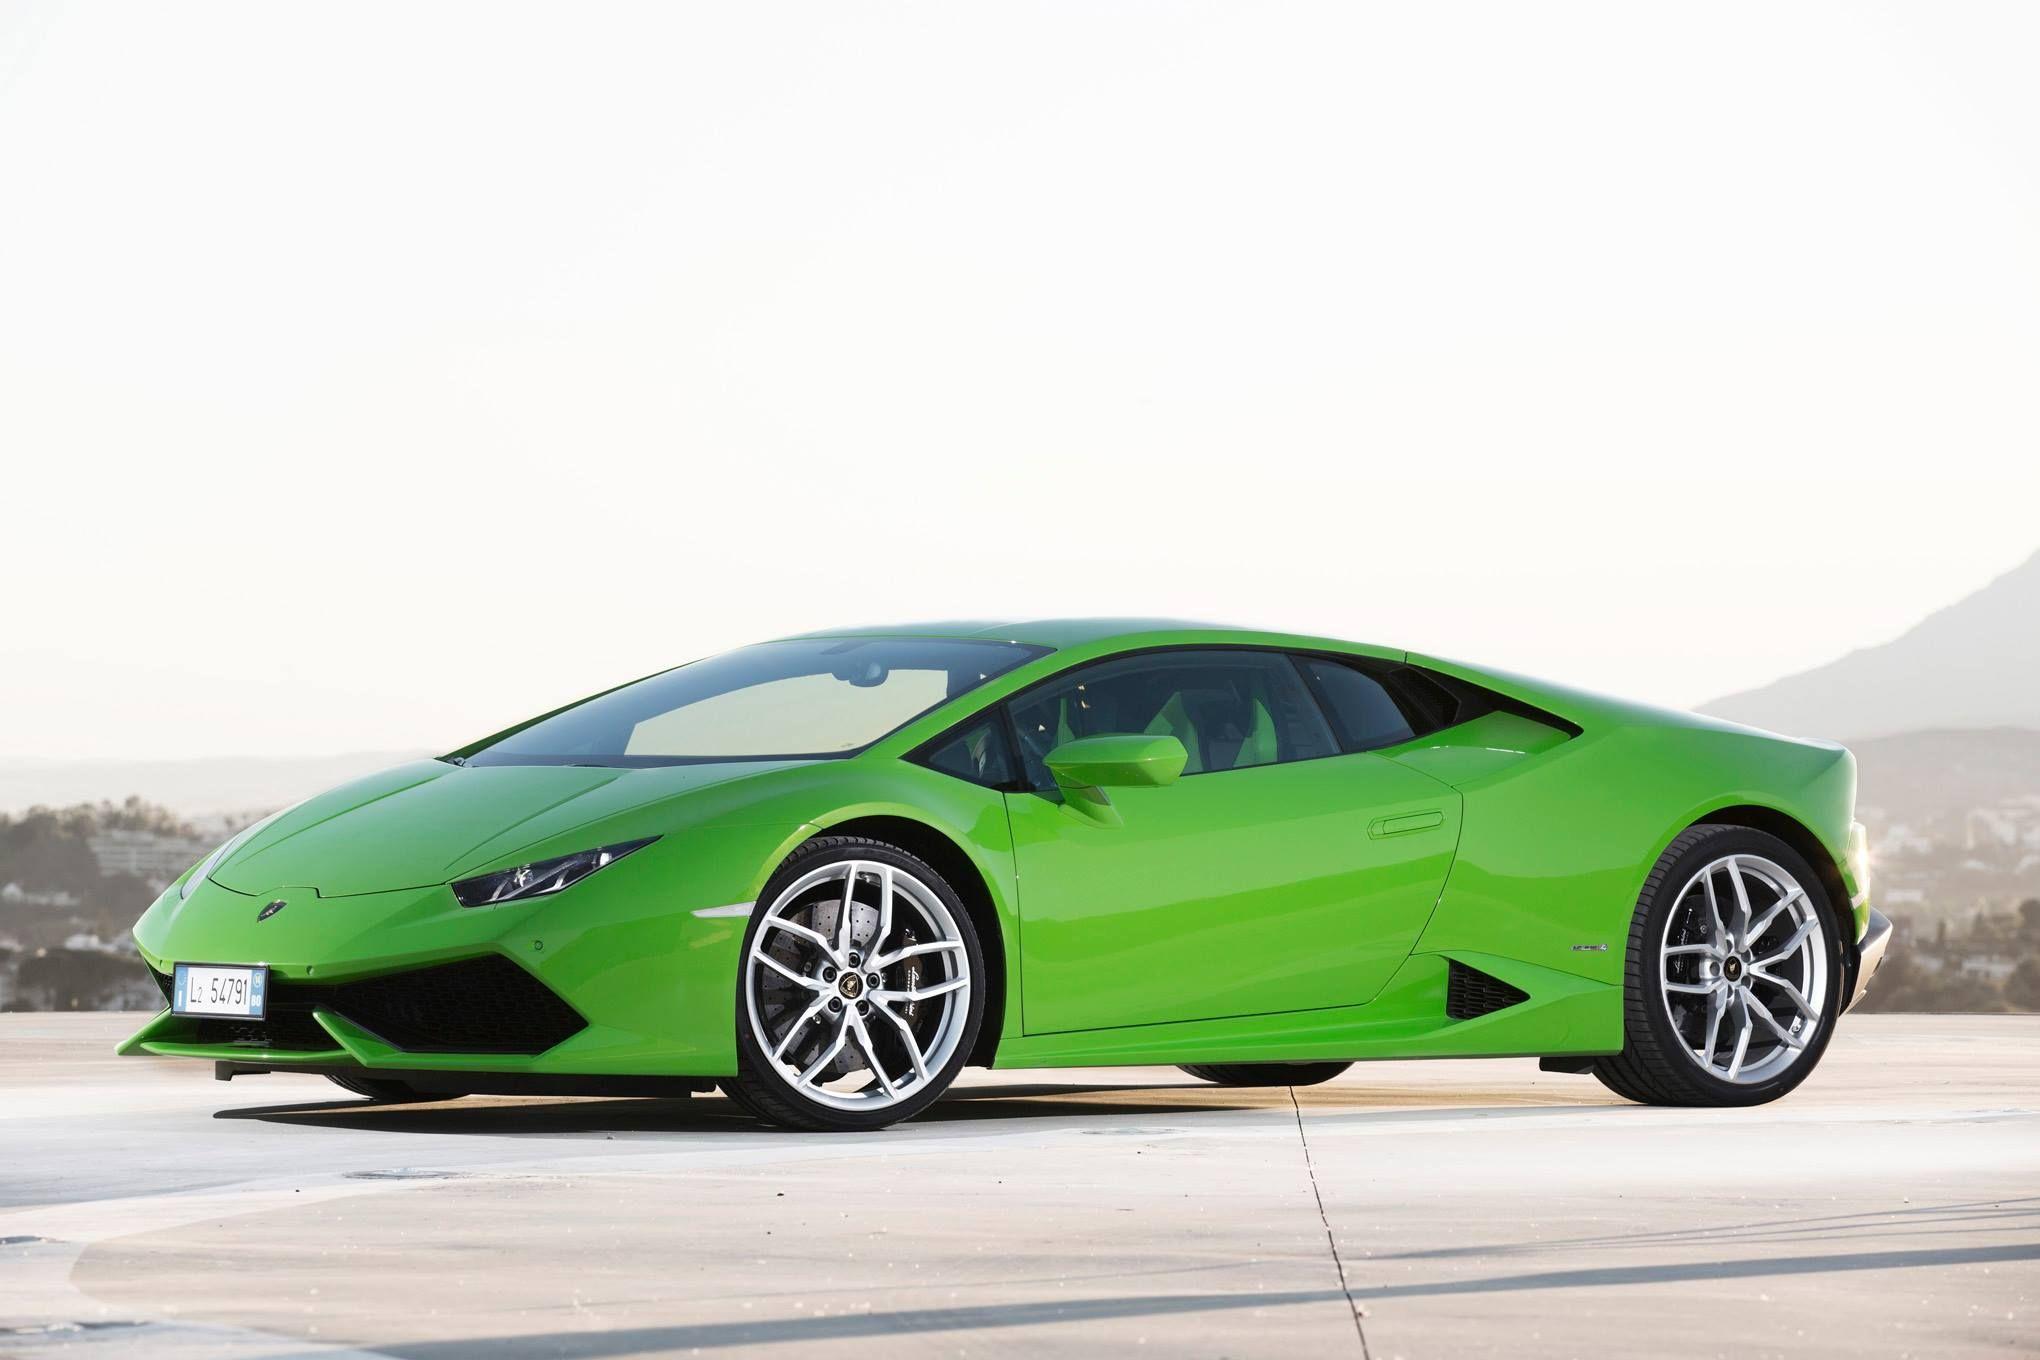 051e8c26e6132bab05c48c1afabf84d2 Exciting Lamborghini Huracán Lp 610-4 Cena Cars Trend